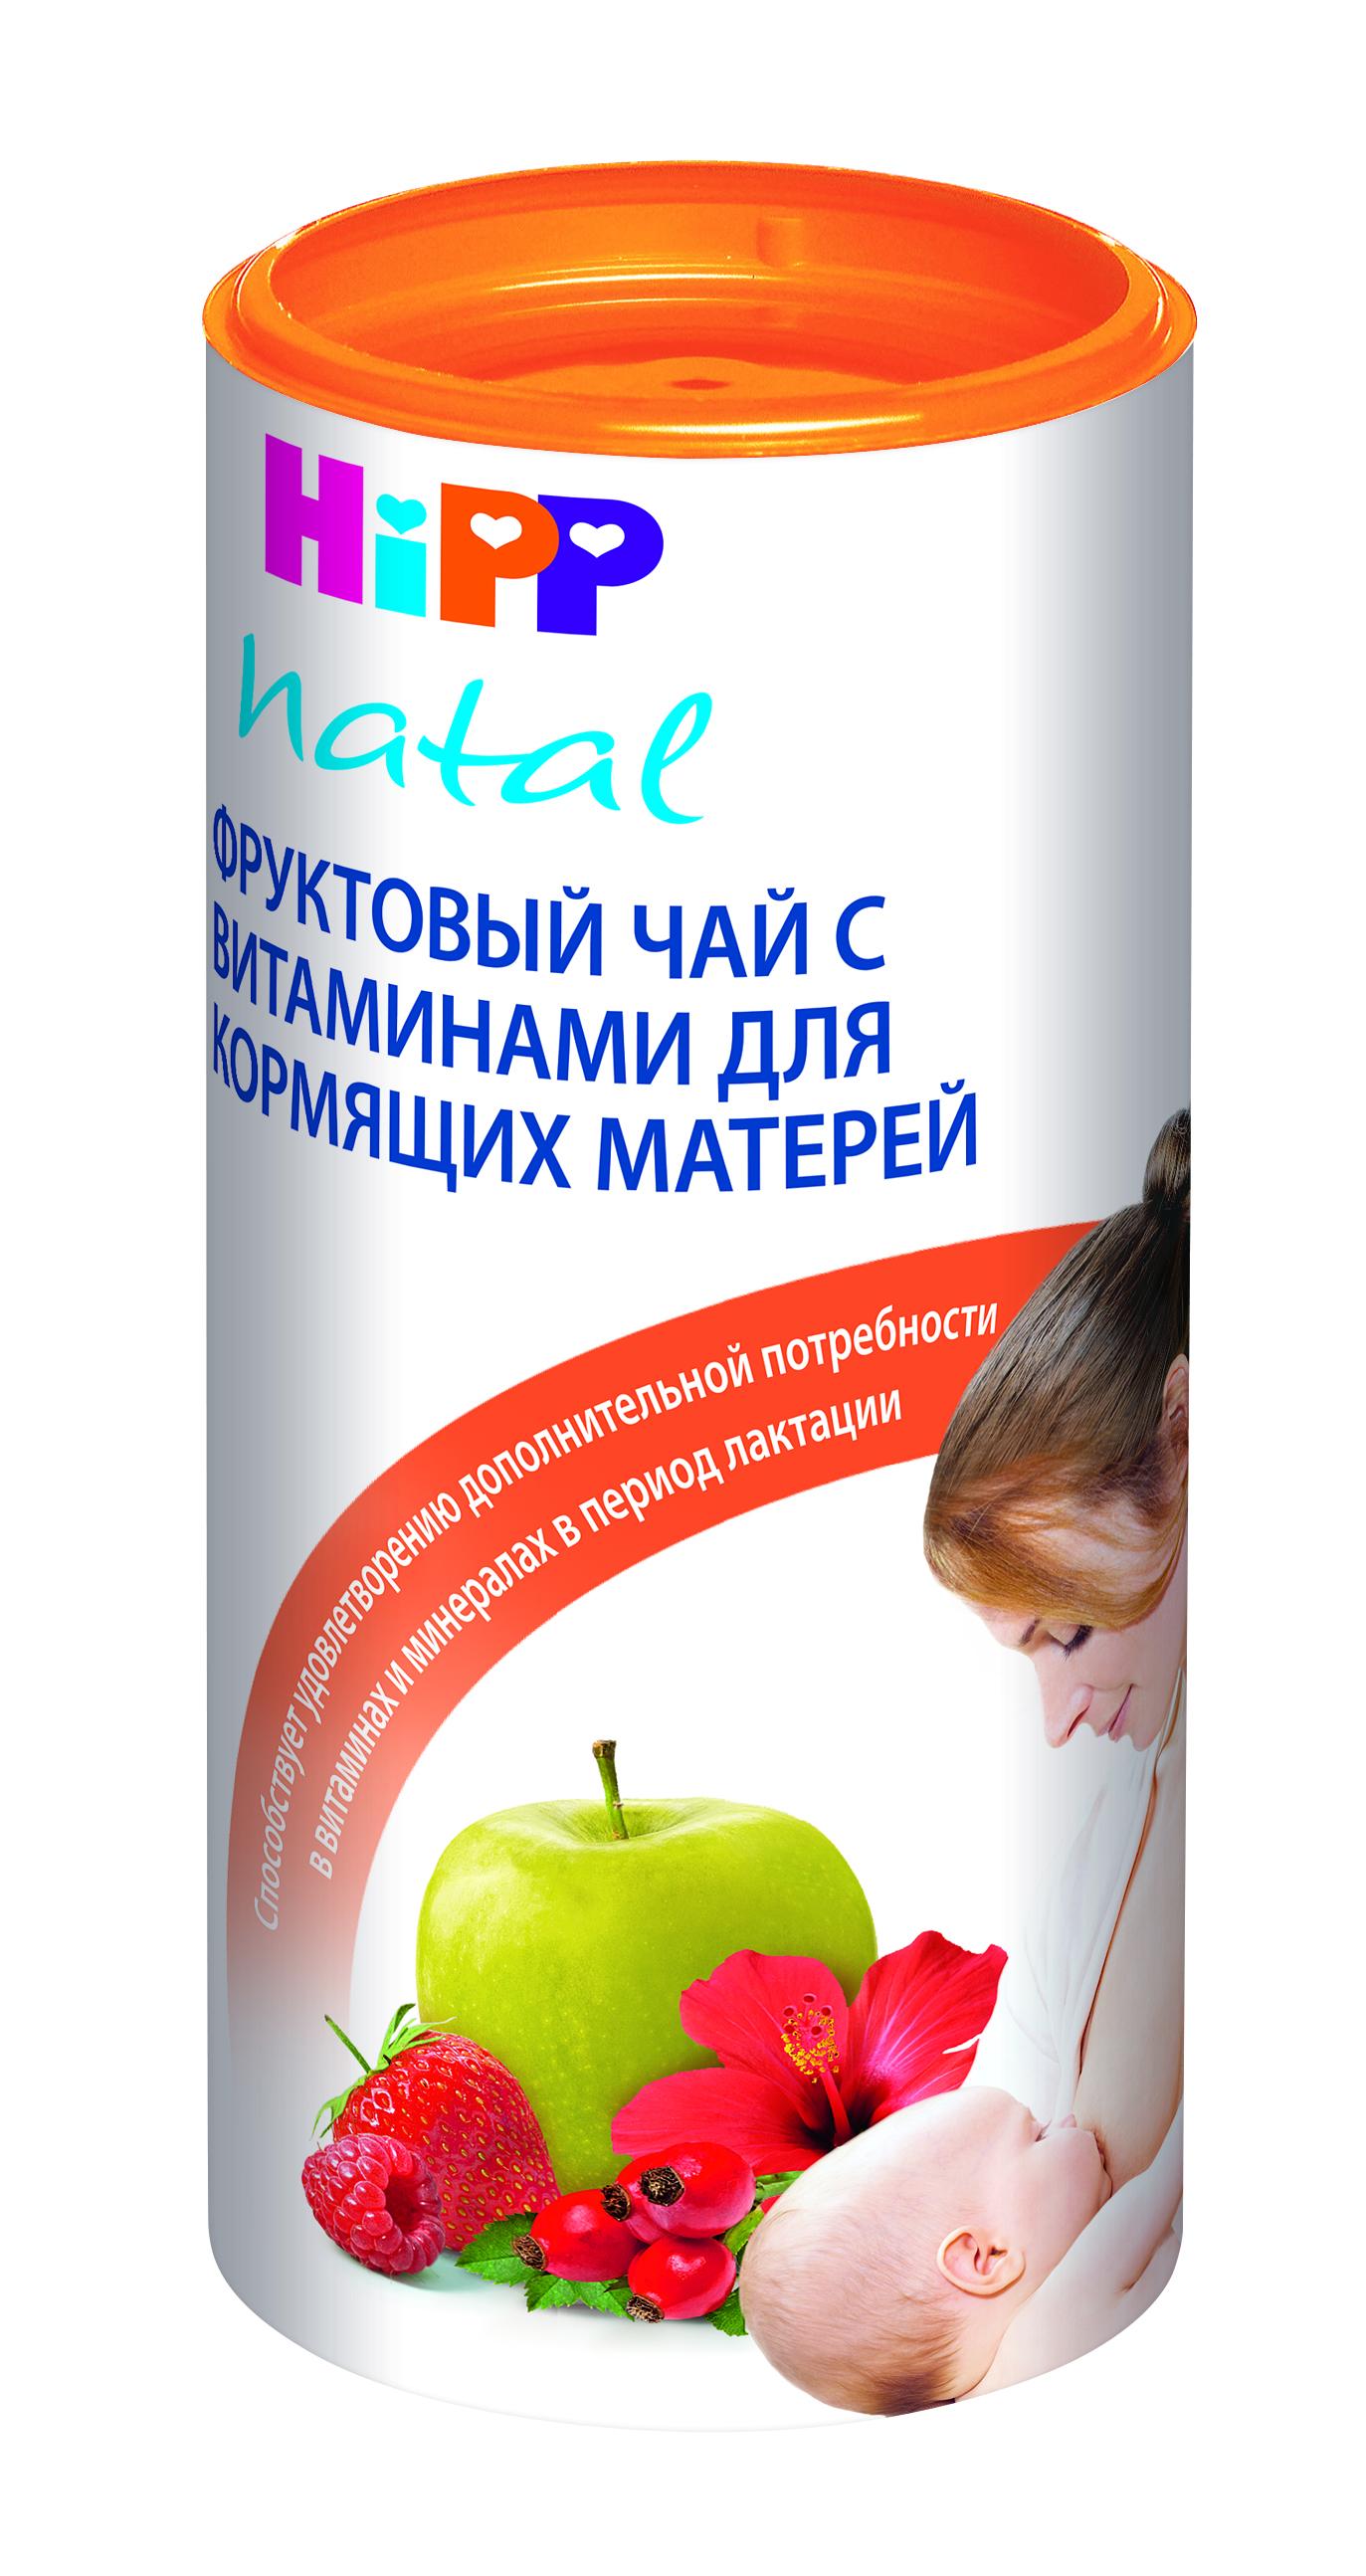 Hipp Natal чай гранулированный фруктовый с витаминами для кормящих мам, 200 г для кормящих мам диета